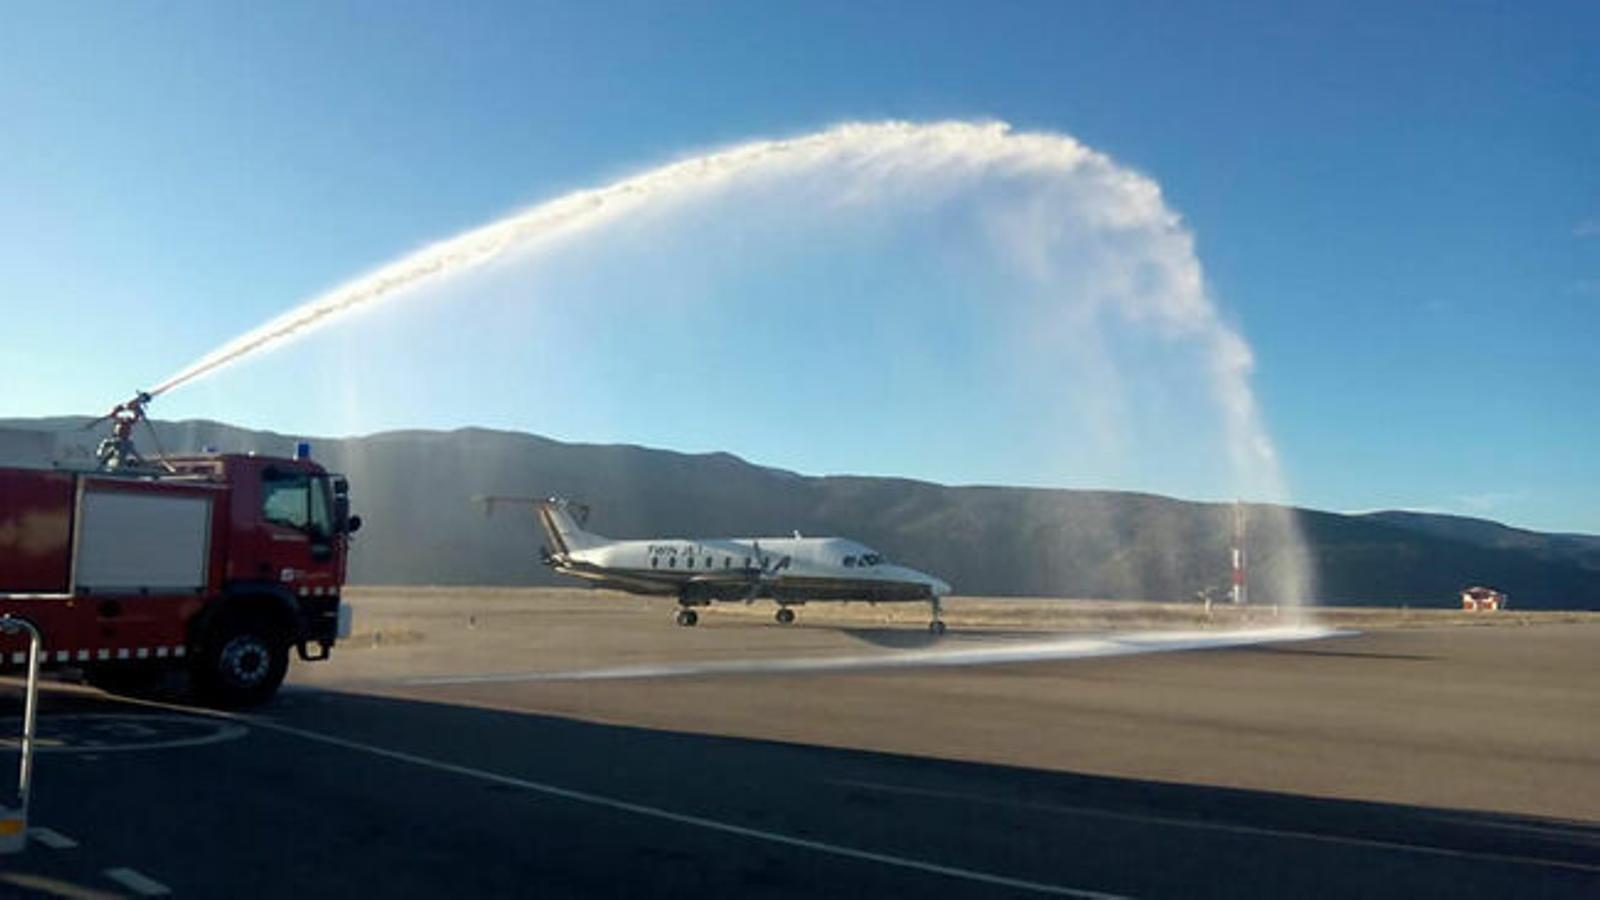 Un avió a l'aeroport d'Andorra - La Seu. / Regina.